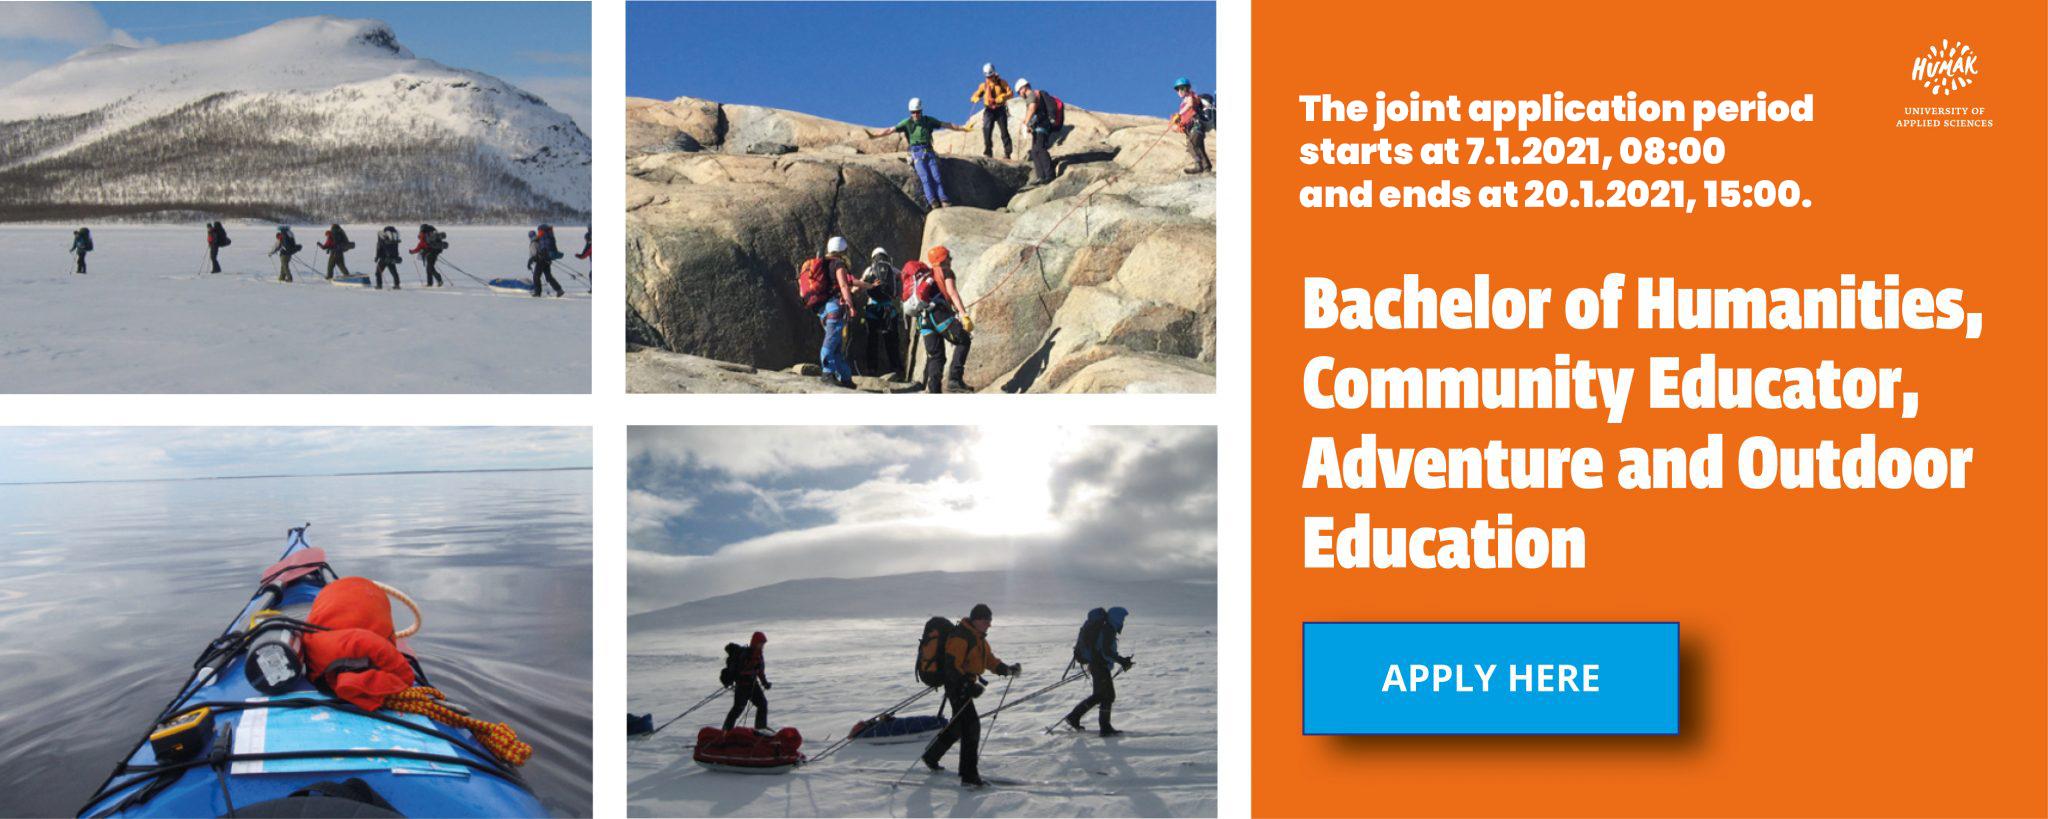 Banneri Adventure and Outdoor Education ilmoittautumissivulle. Sisältää neljä kuvaa: kanootti tyynellä järvellä, kolme hiihtäjää vetävät varusteita perässään, ryhmä opiskelijoita kalliokiipeilemässä, ryhmä hiihtäjiä peräkkäin vuoren edustalla.